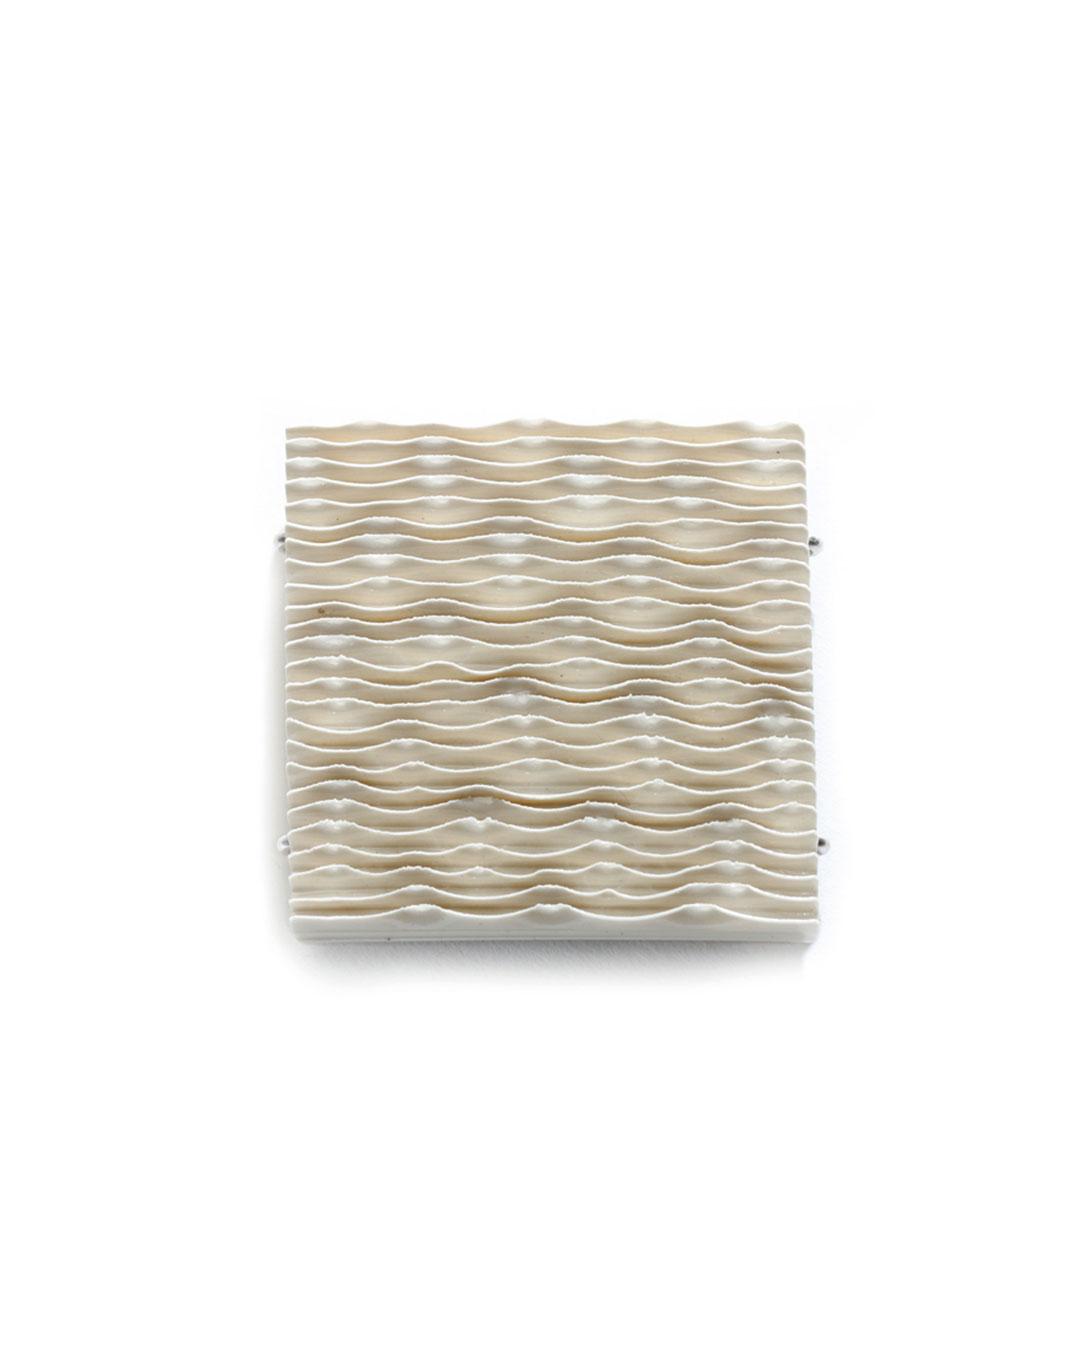 Silke Trekel, untitled, 2017, brooch; porcelain, silver, 61 x 64 x 7 mm, €775